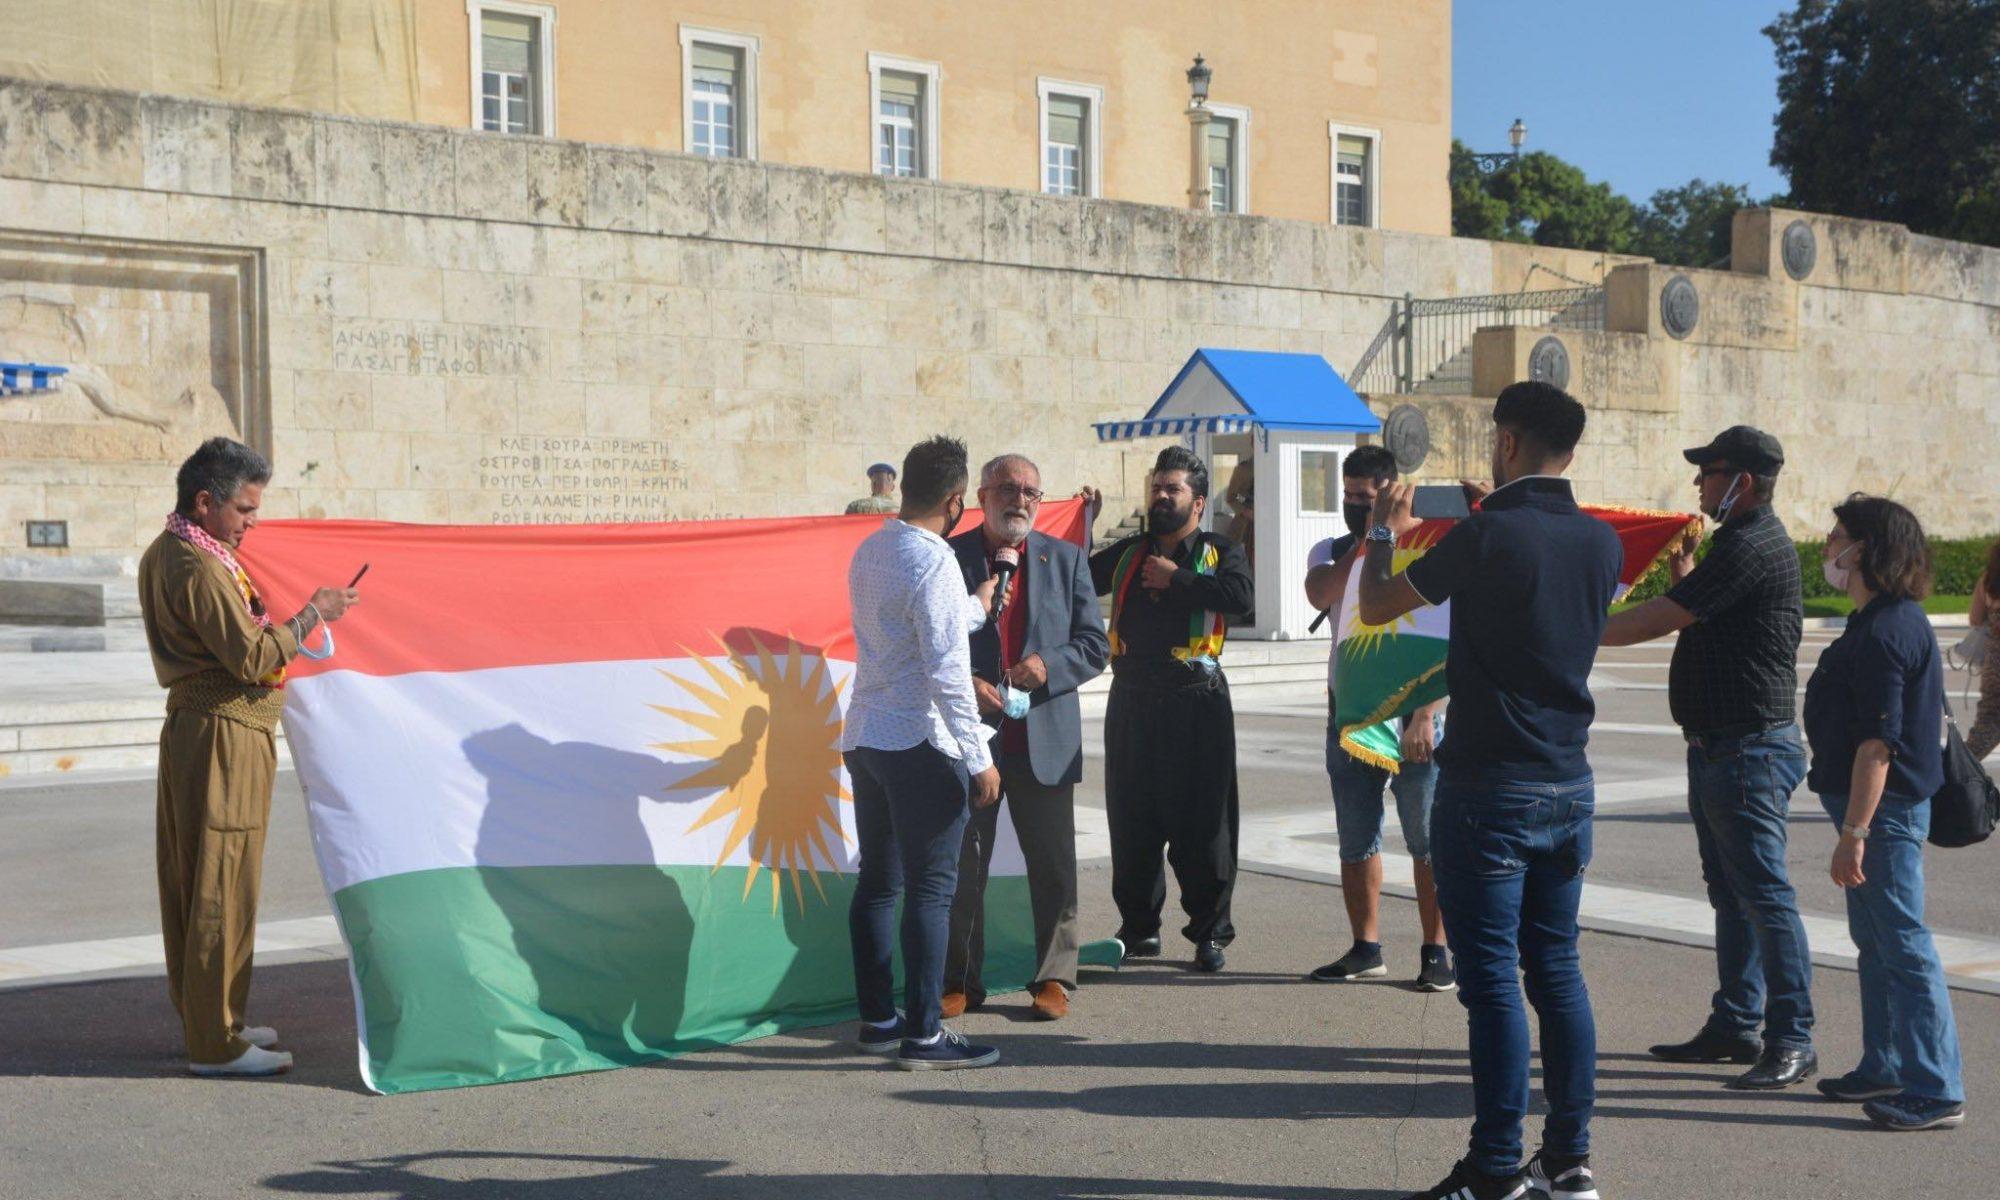 Atina'da referandumun 3'üncü yılını kutlayan Kürtler: Kürt halkıda tüm dünya hakları gibi bağımsız devlet kurmayı hak ediyor